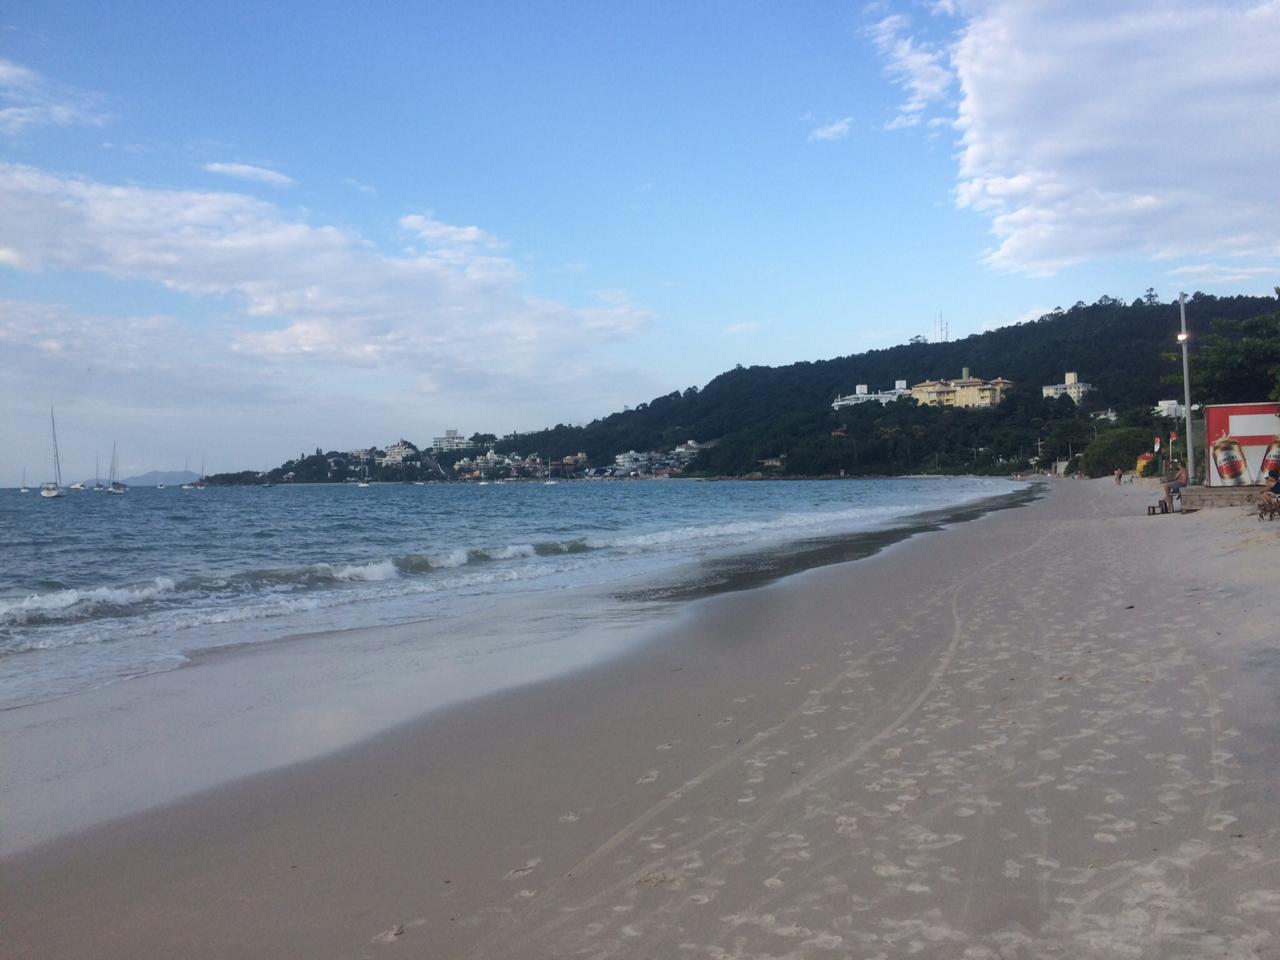 Florianópolis en invierno: ¿vale la pena?